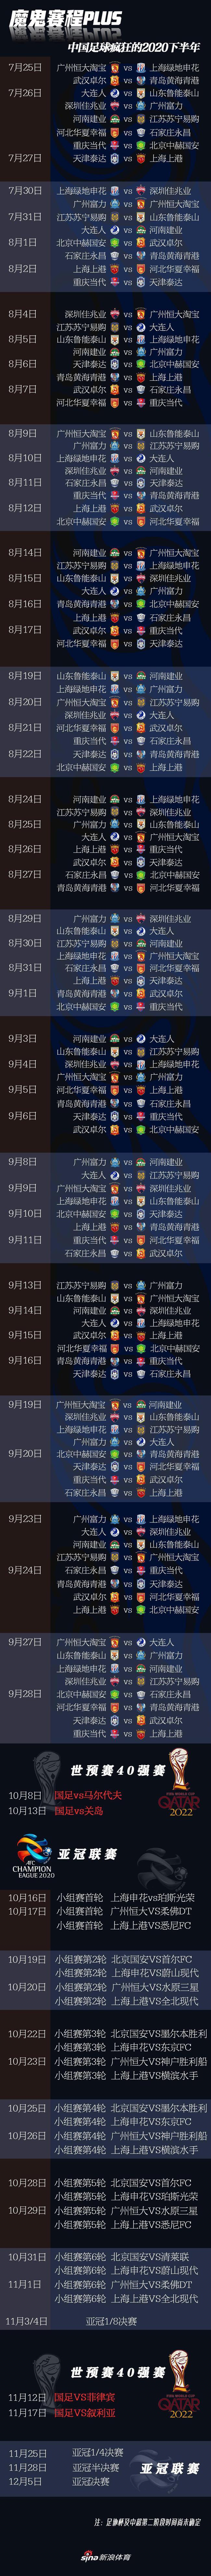 魔鬼赛程plus!中国足球疯狂的2020下半年